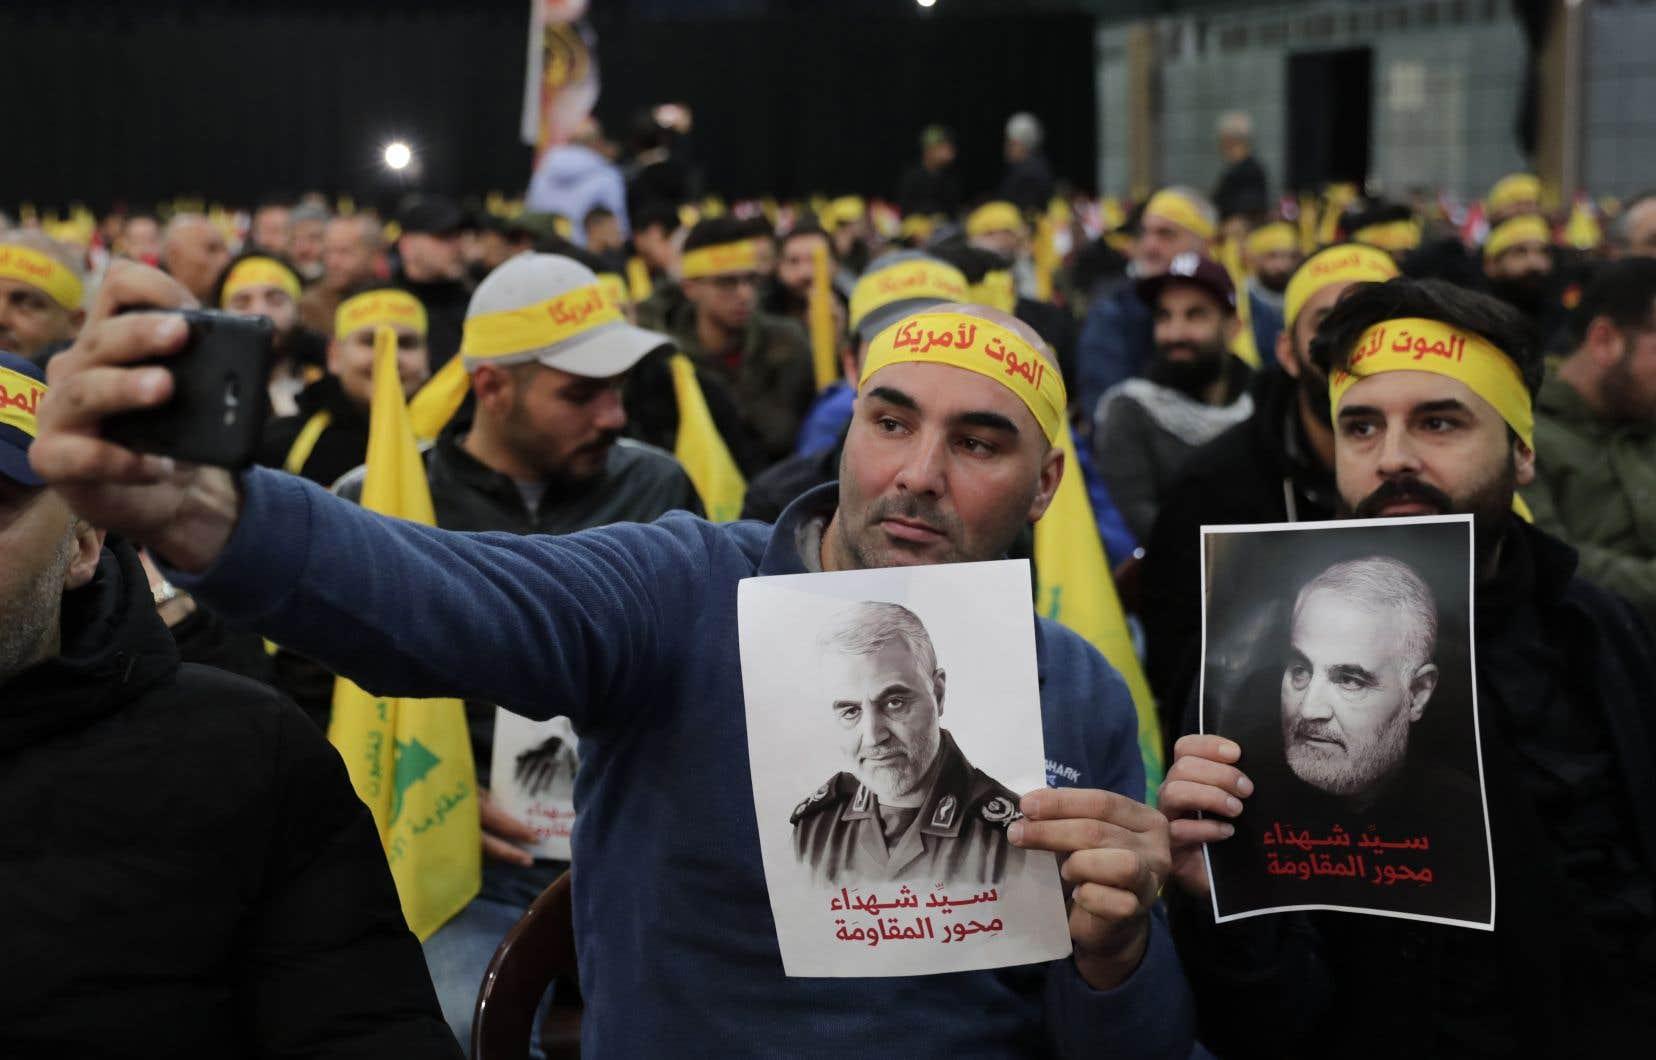 Les brigades du Hezbollah, branche la plus radicale du Hachd, ont promis «le début de la fin de la présence américaine dans toute la région».